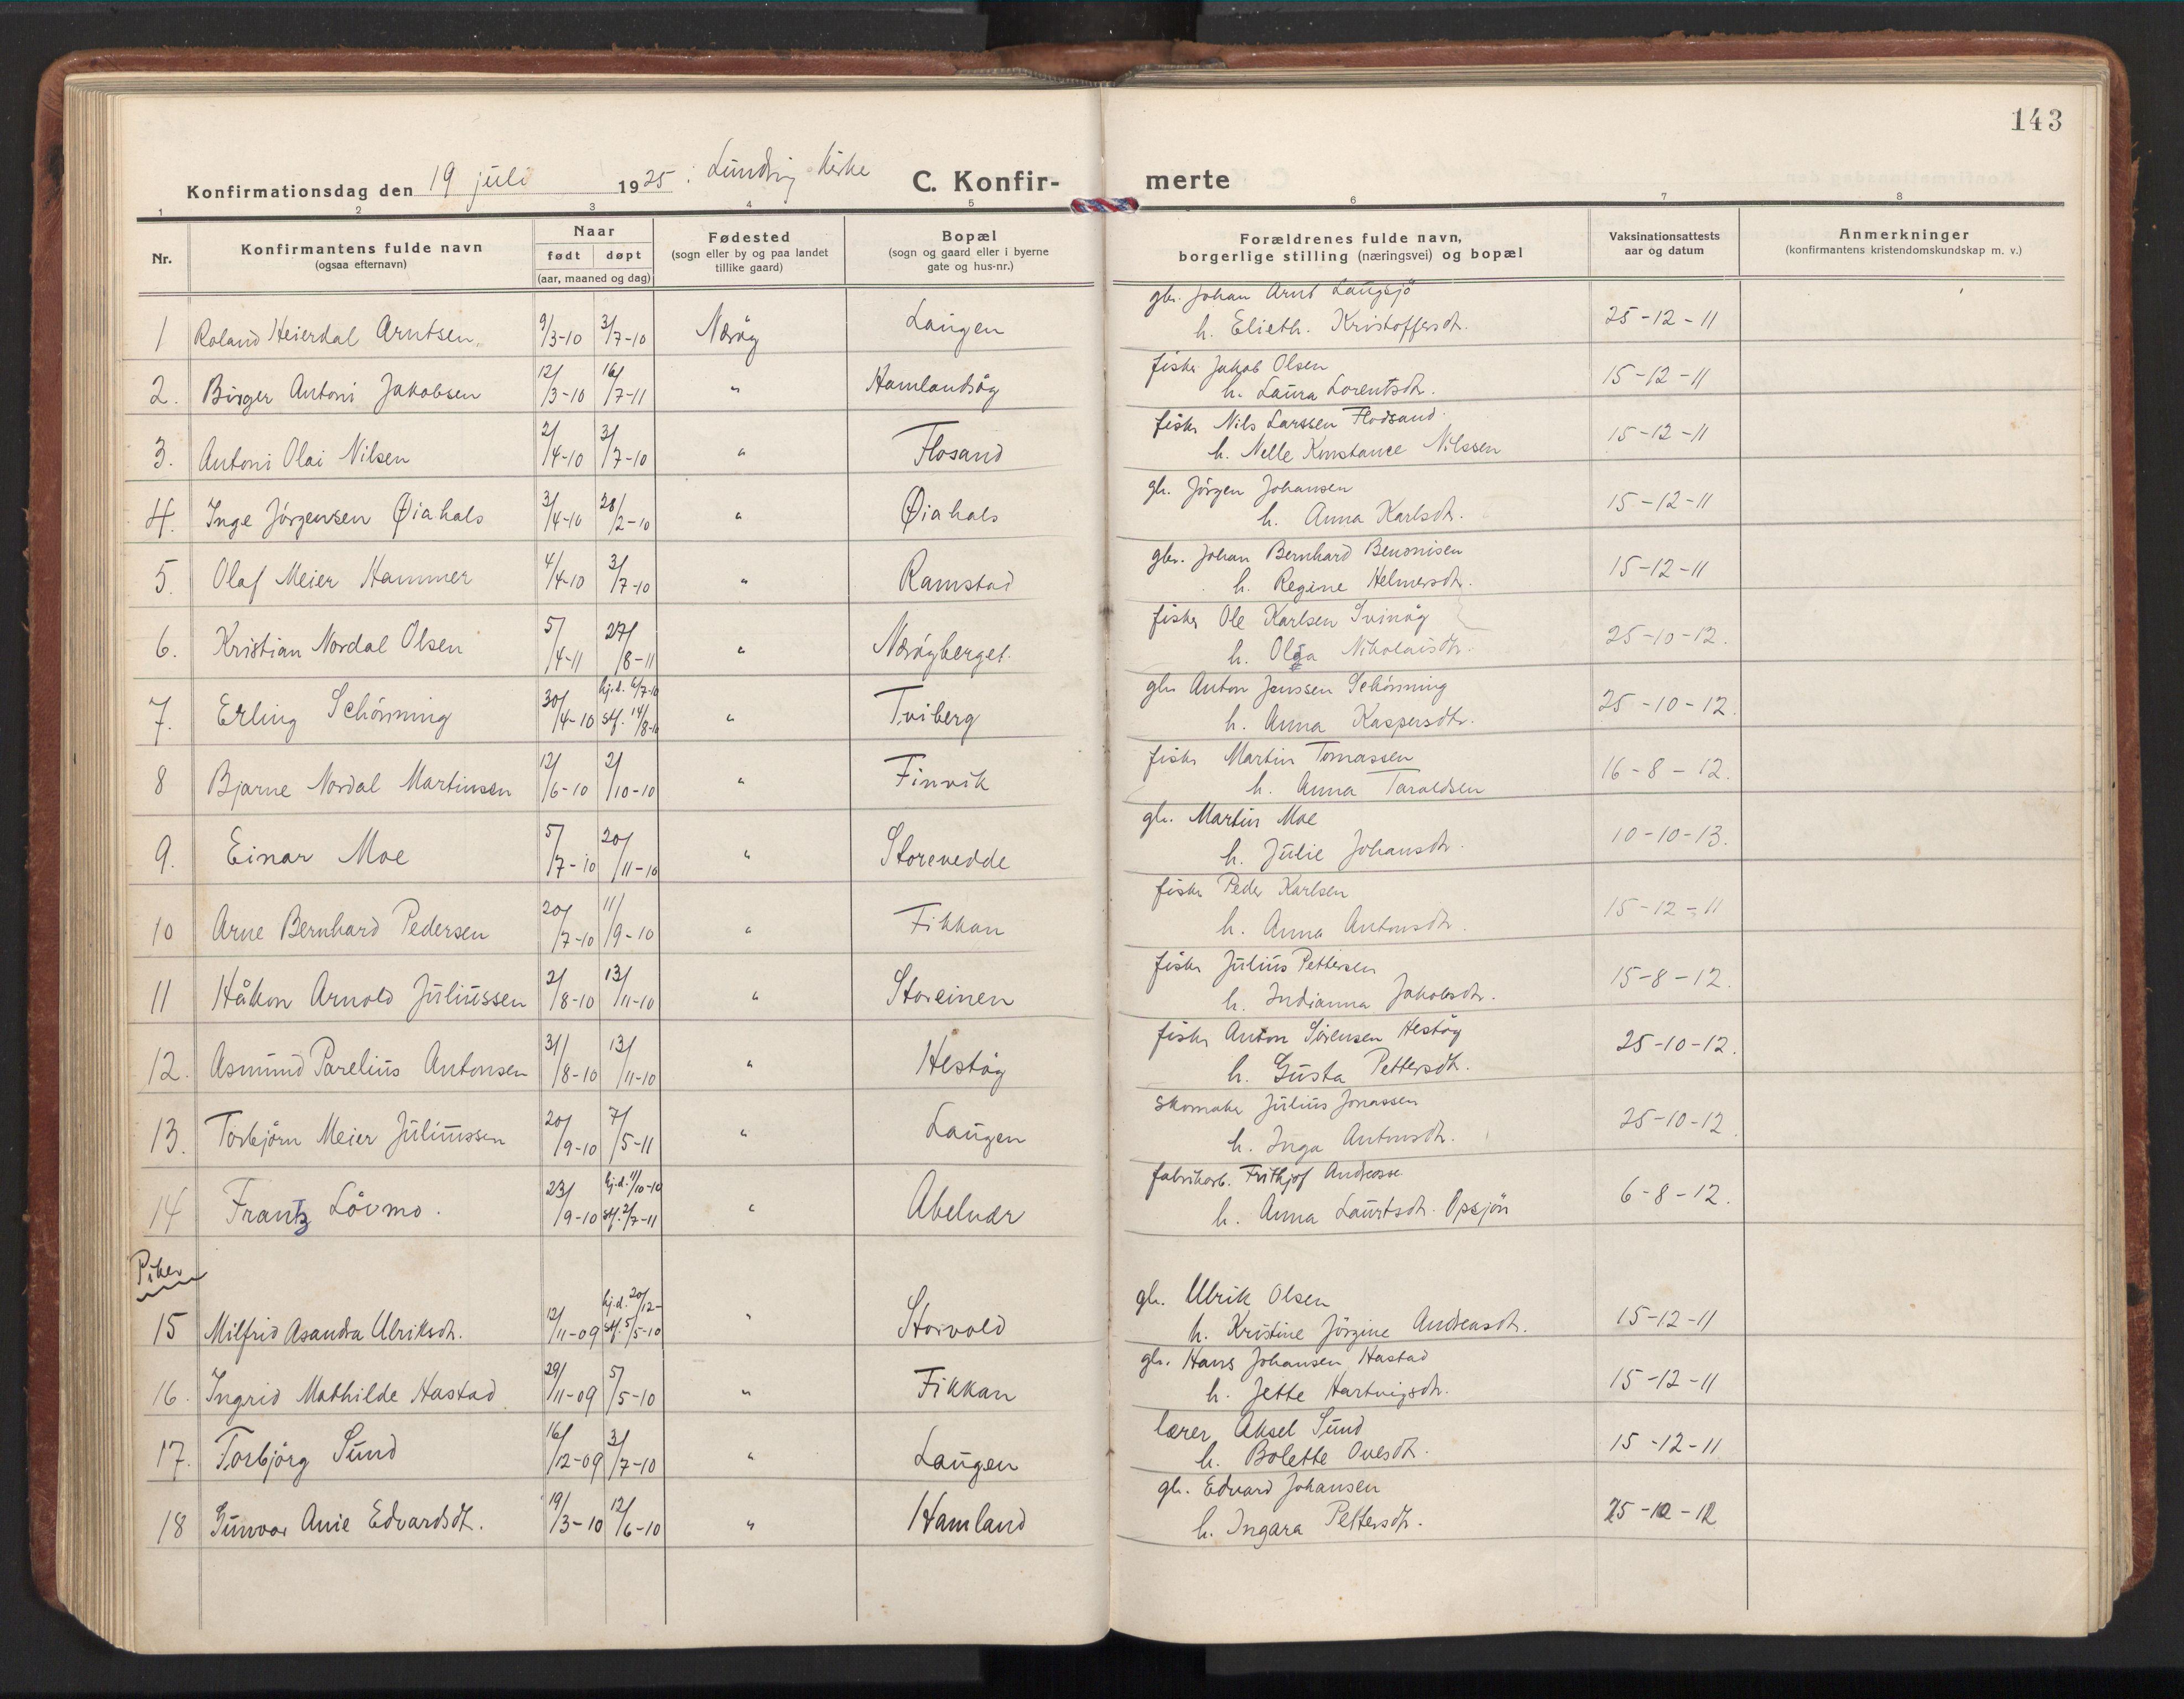 SAT, Ministerialprotokoller, klokkerbøker og fødselsregistre - Nord-Trøndelag, 784/L0678: Ministerialbok nr. 784A13, 1921-1938, s. 143